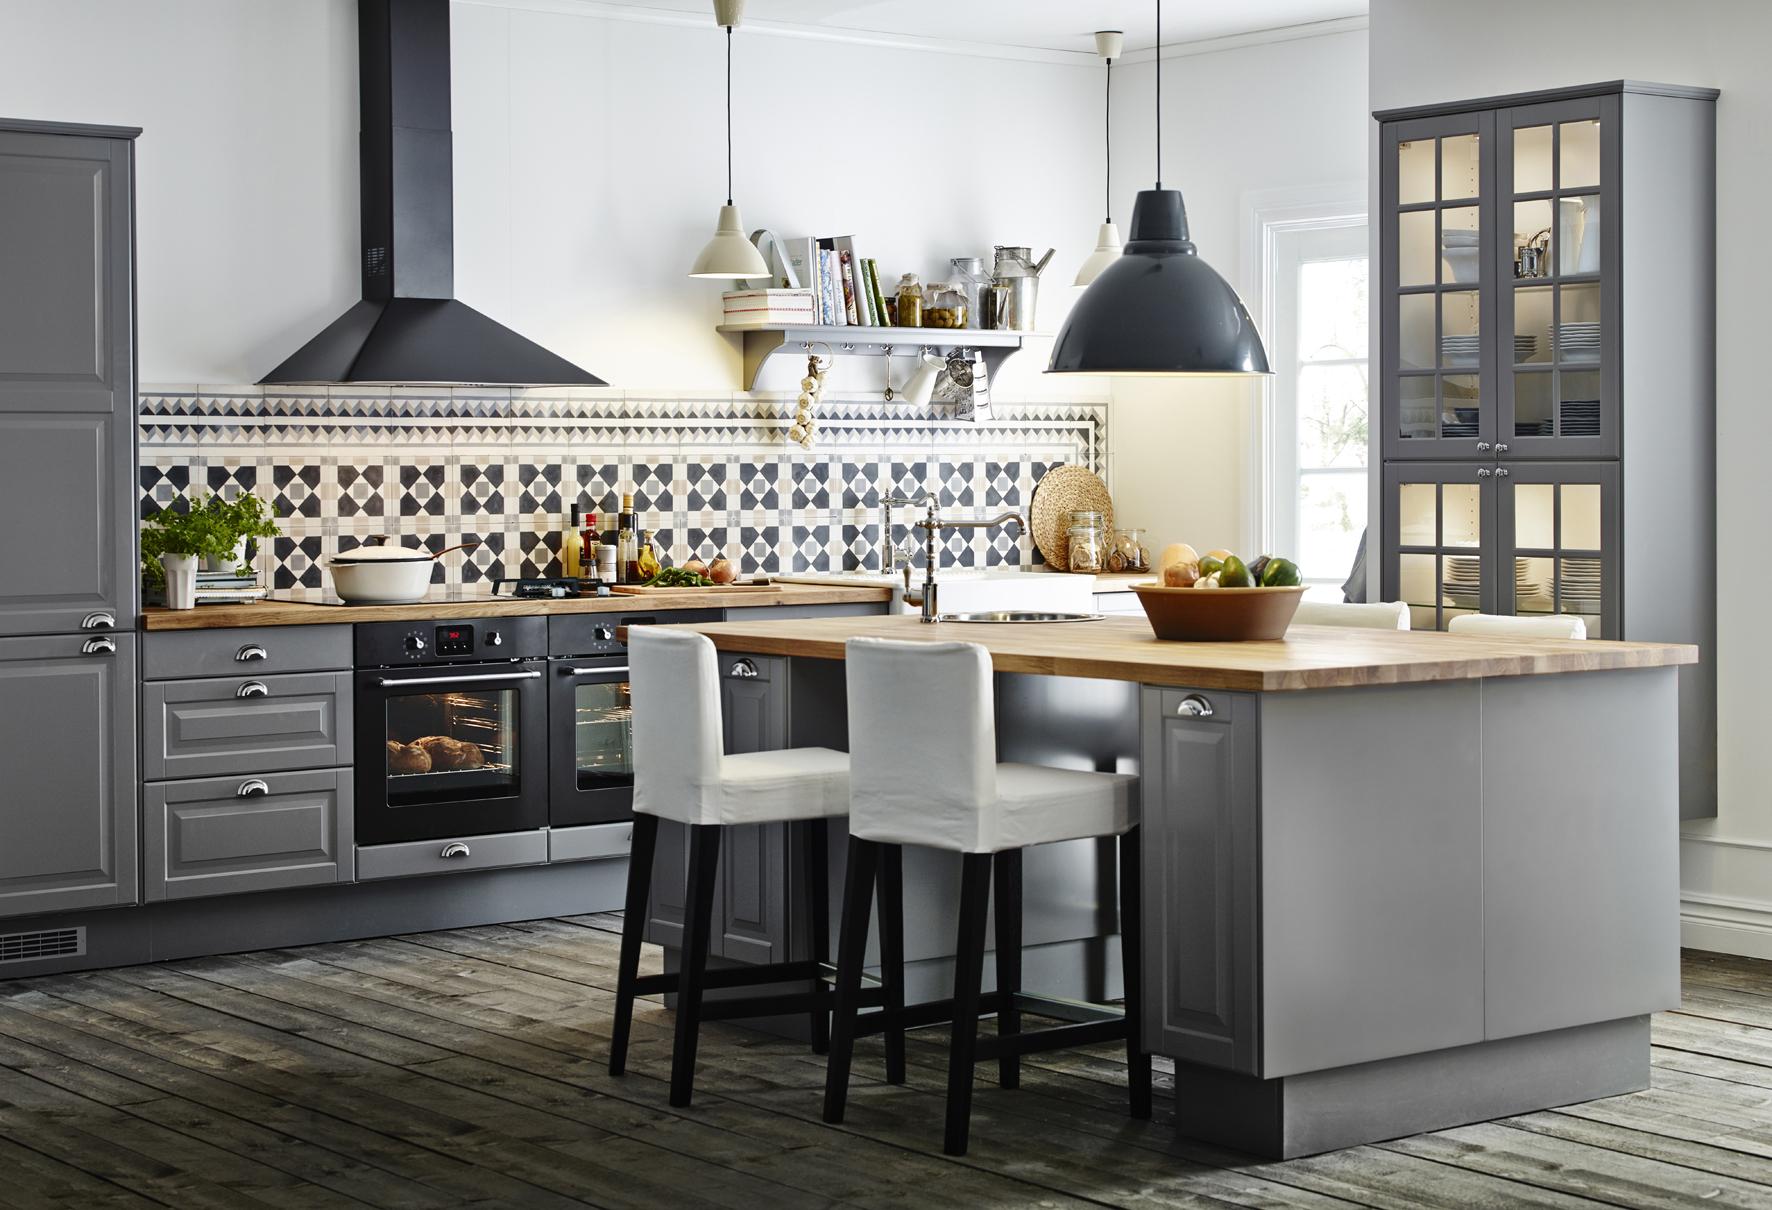 Keuken Tegels Ikea : Zelf een ikea keuken plaatsen thomas gaspersz